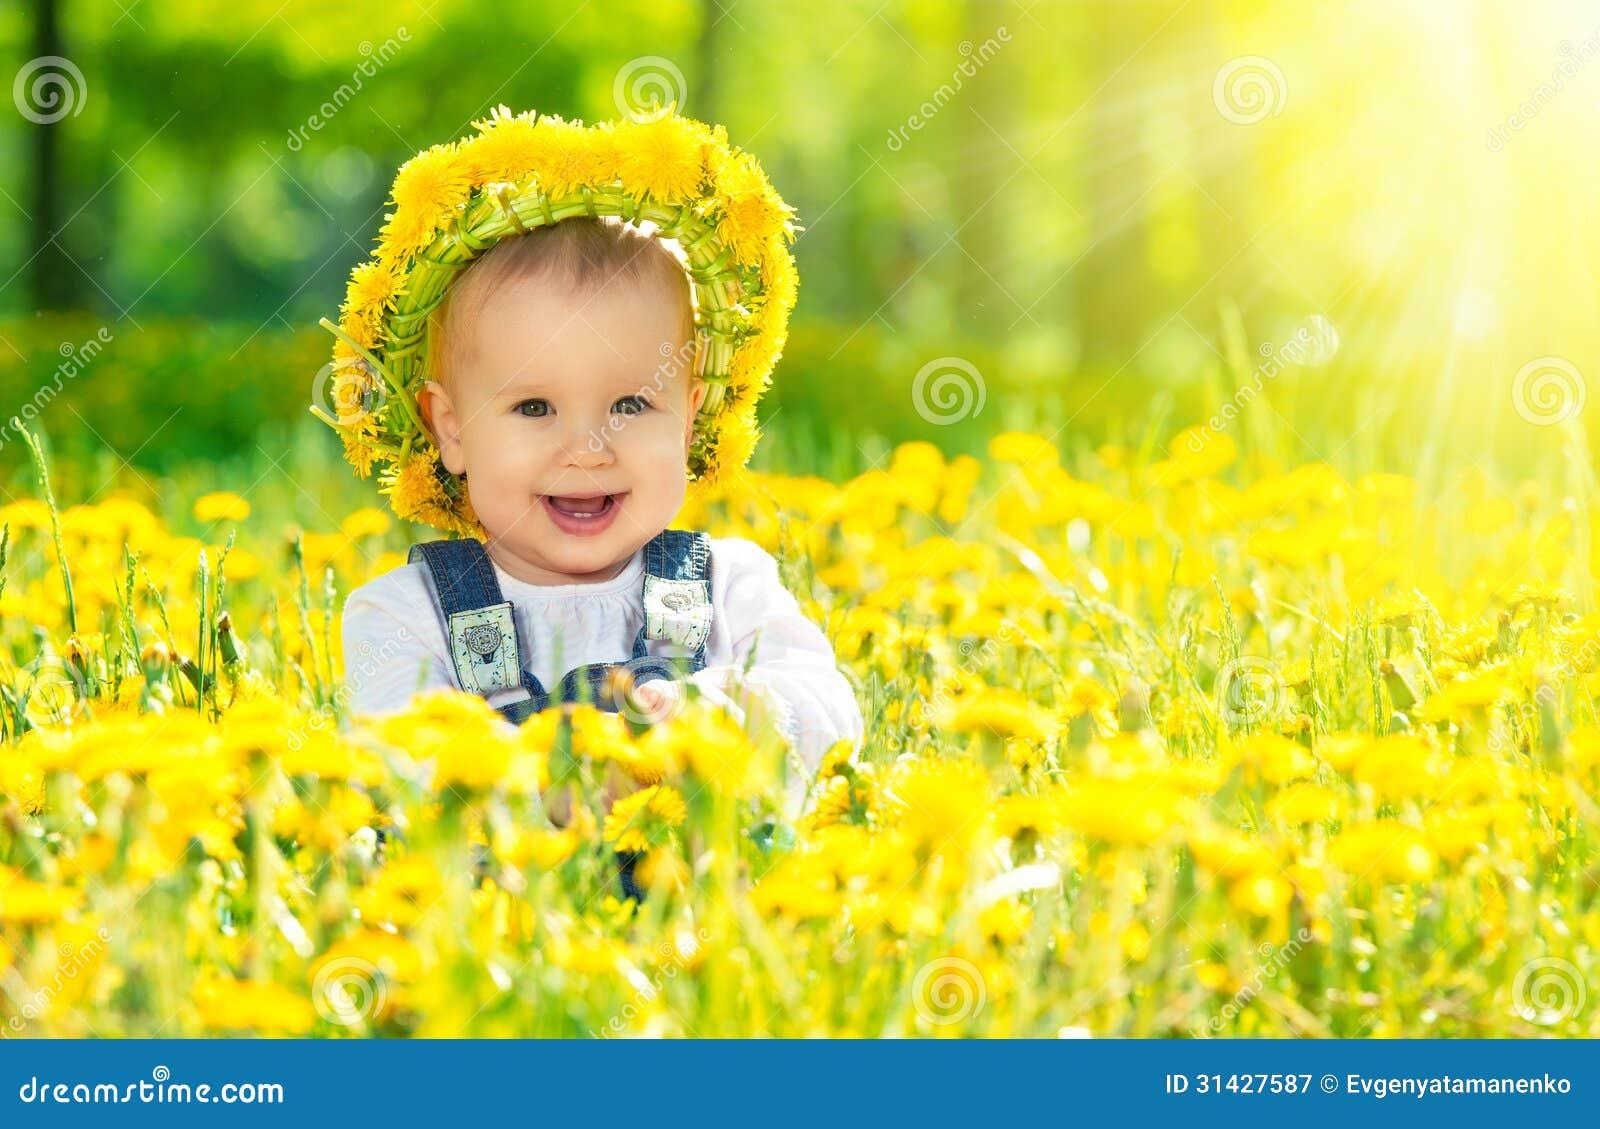 Ευτυχές κοριτσάκι σε ένα στεφάνι στο λιβάδι με τα κίτρινα λουλούδια στο τ